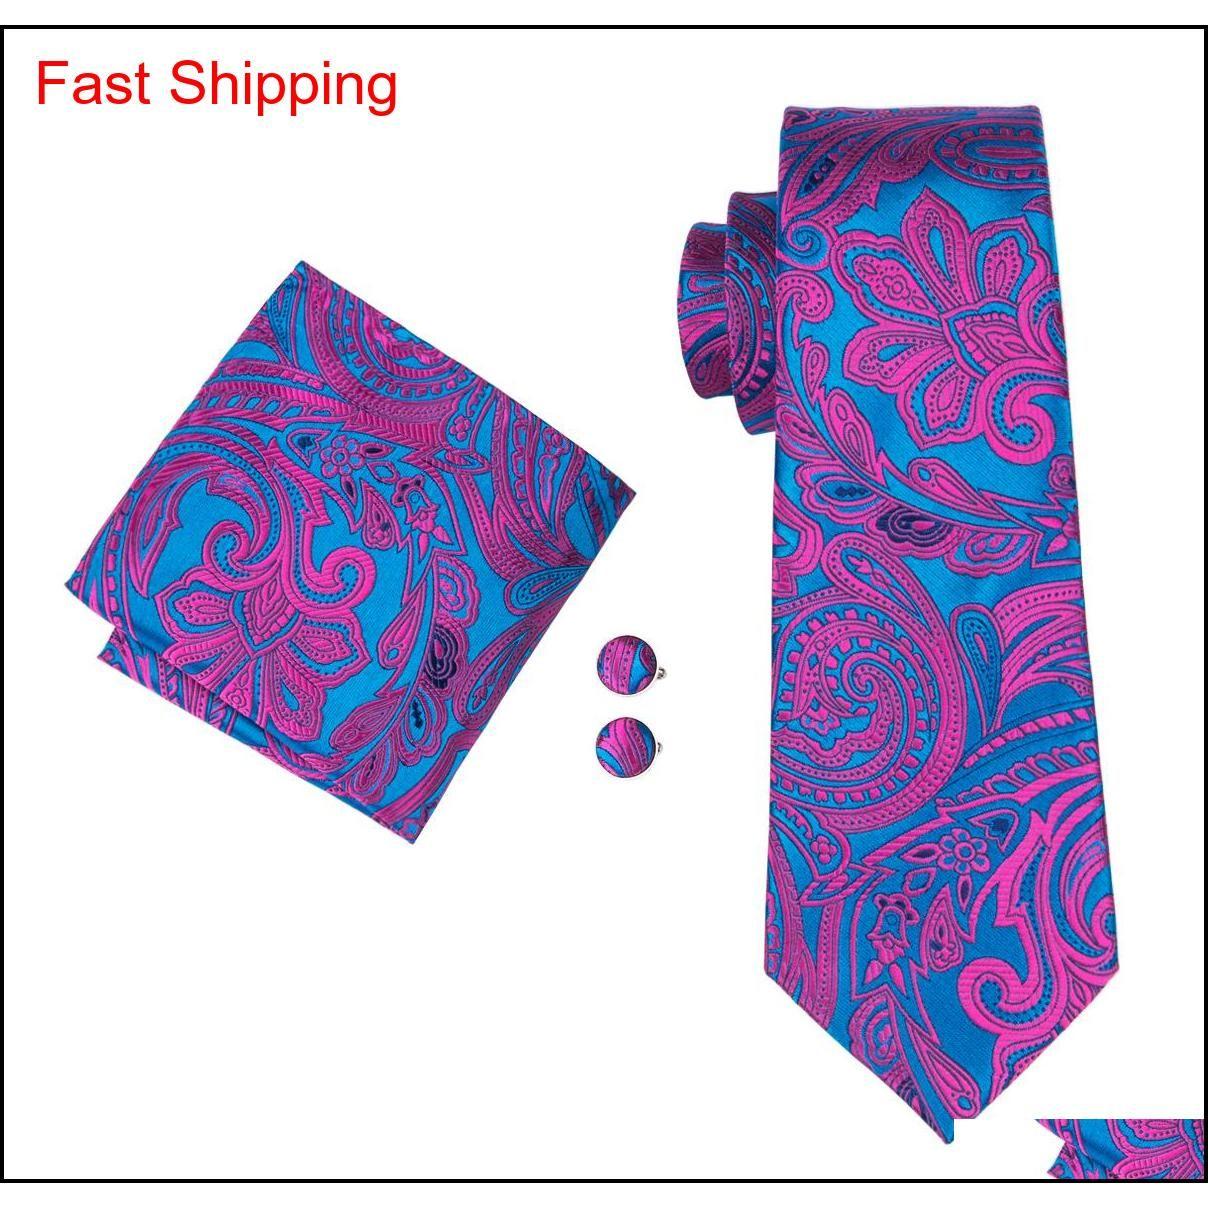 Klasik Ipek Kravat Formu Erkekler Son Tasarım İpek Bağları Erkekler Fashin Suit Kravat Cep Kare Cufflin Qylgat Homes2007